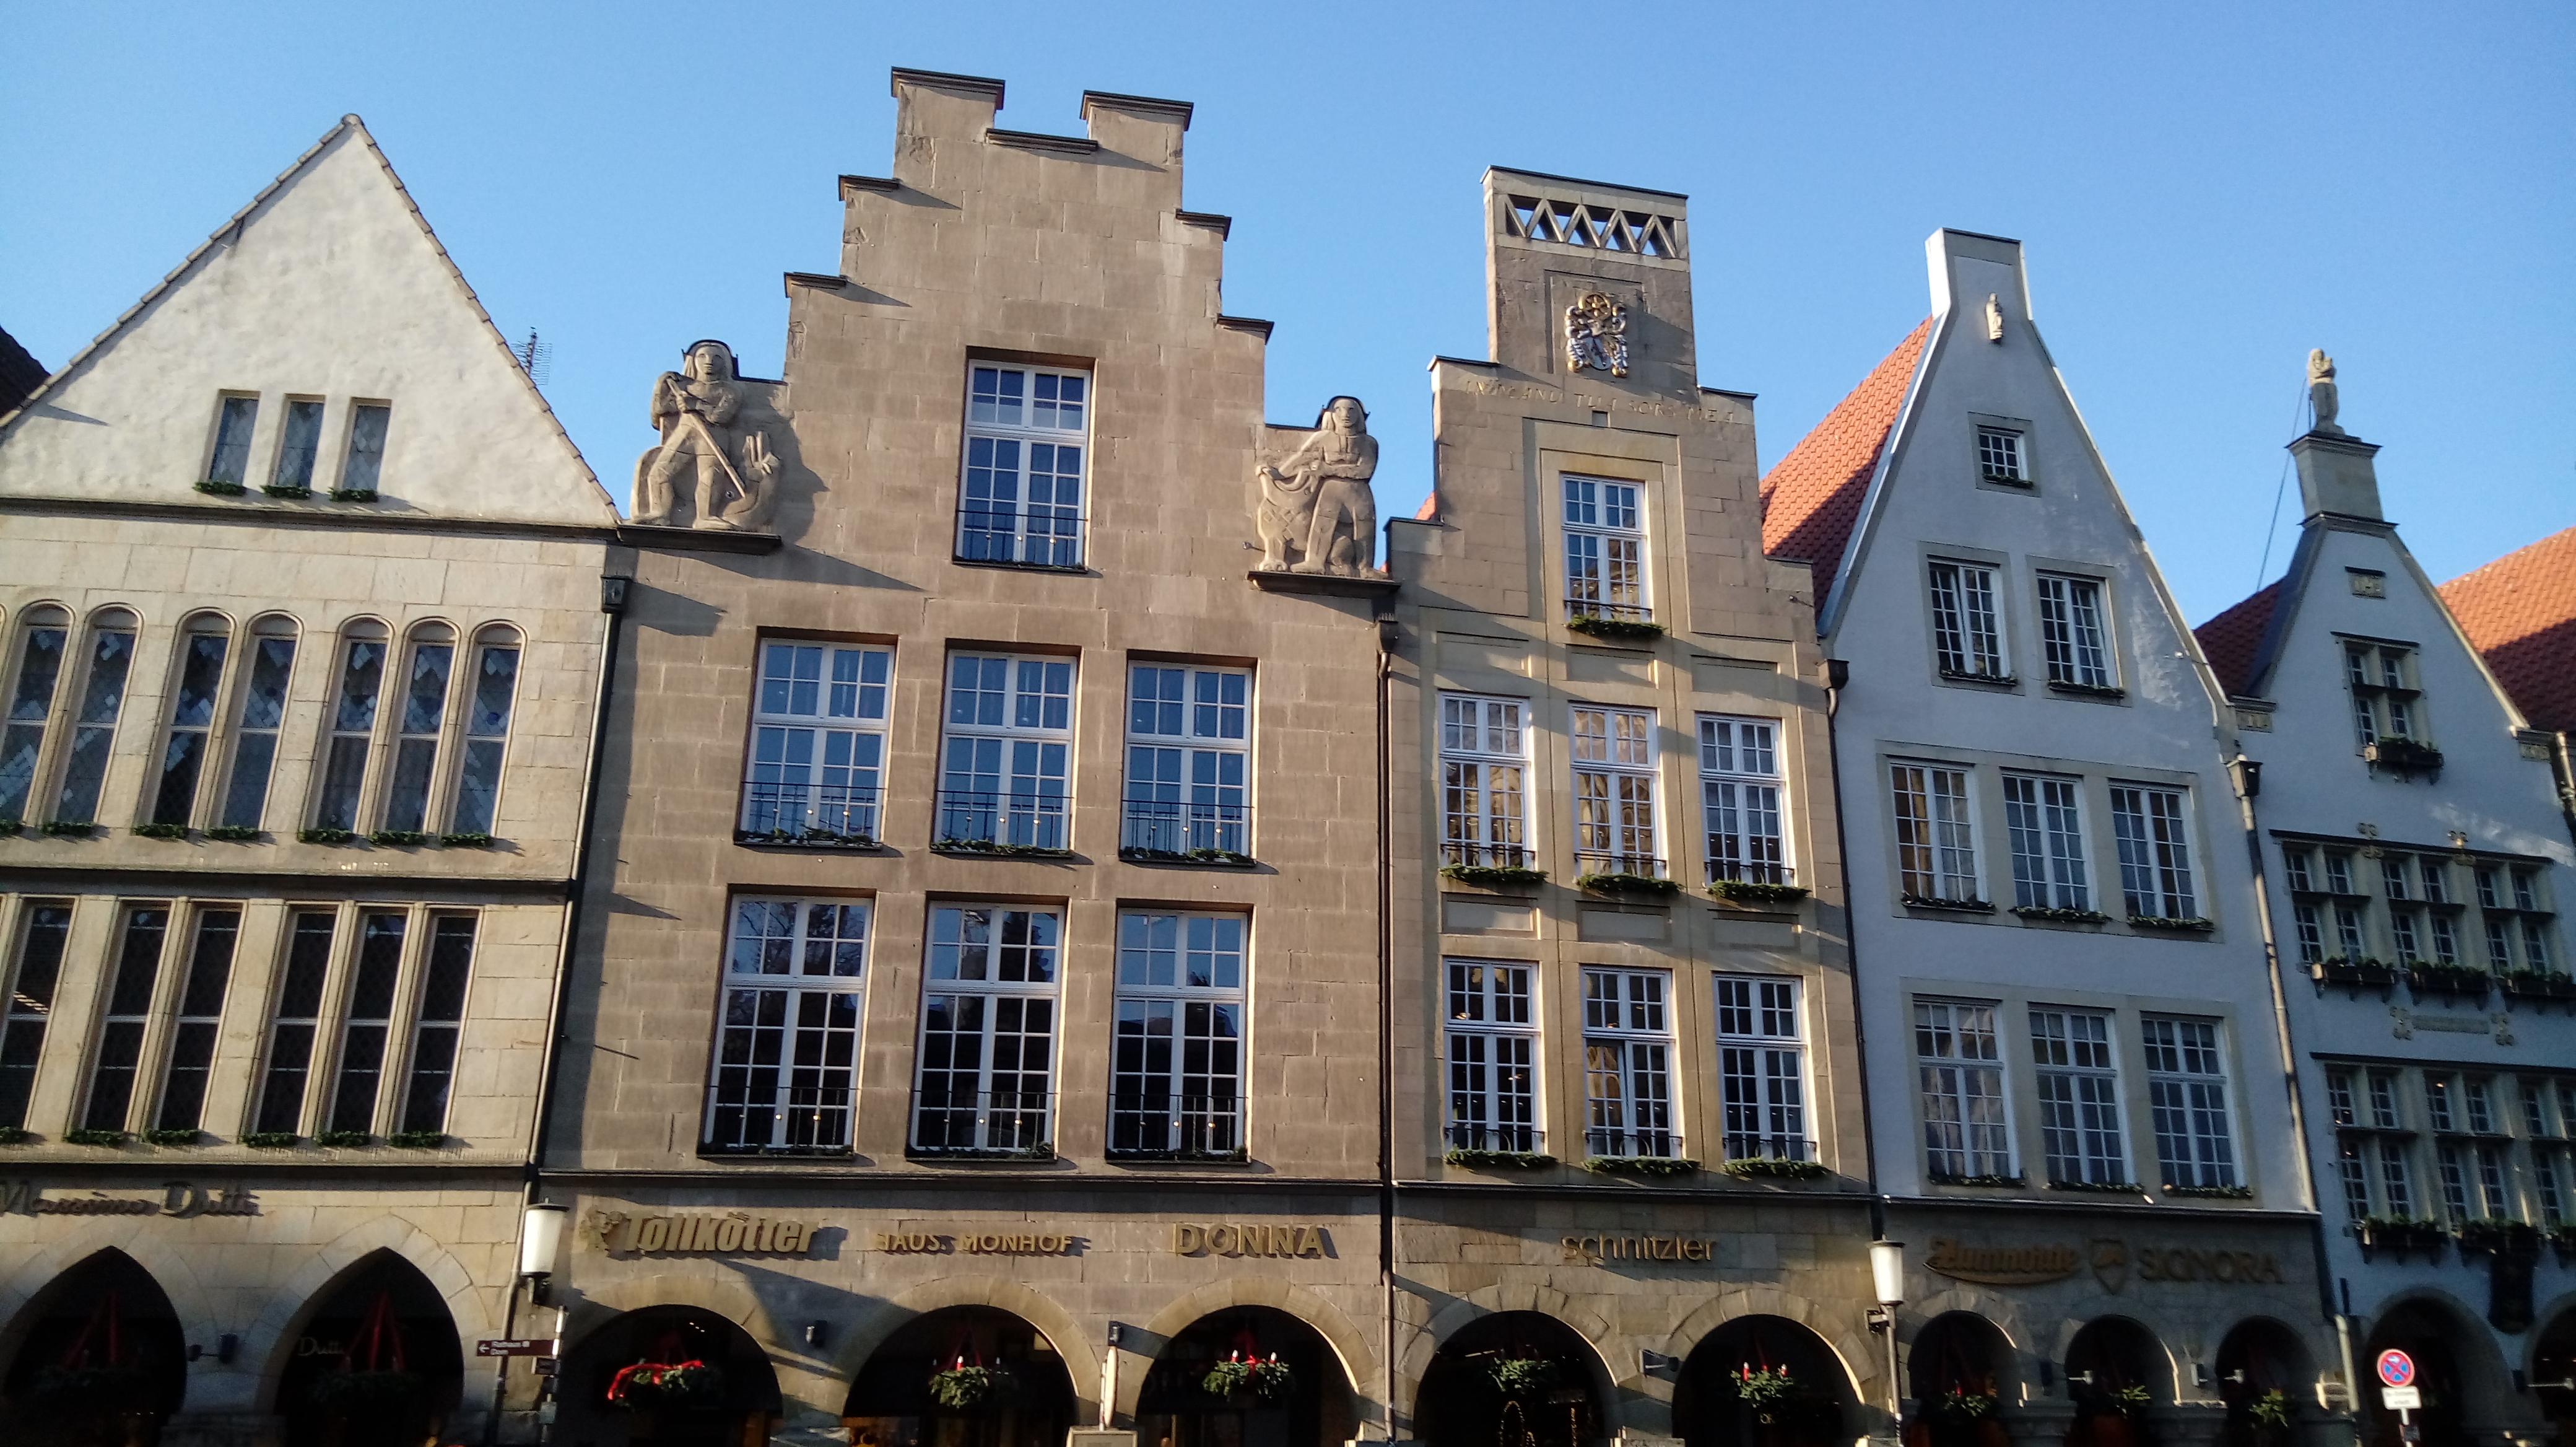 Unsere Fahrt nach Münster